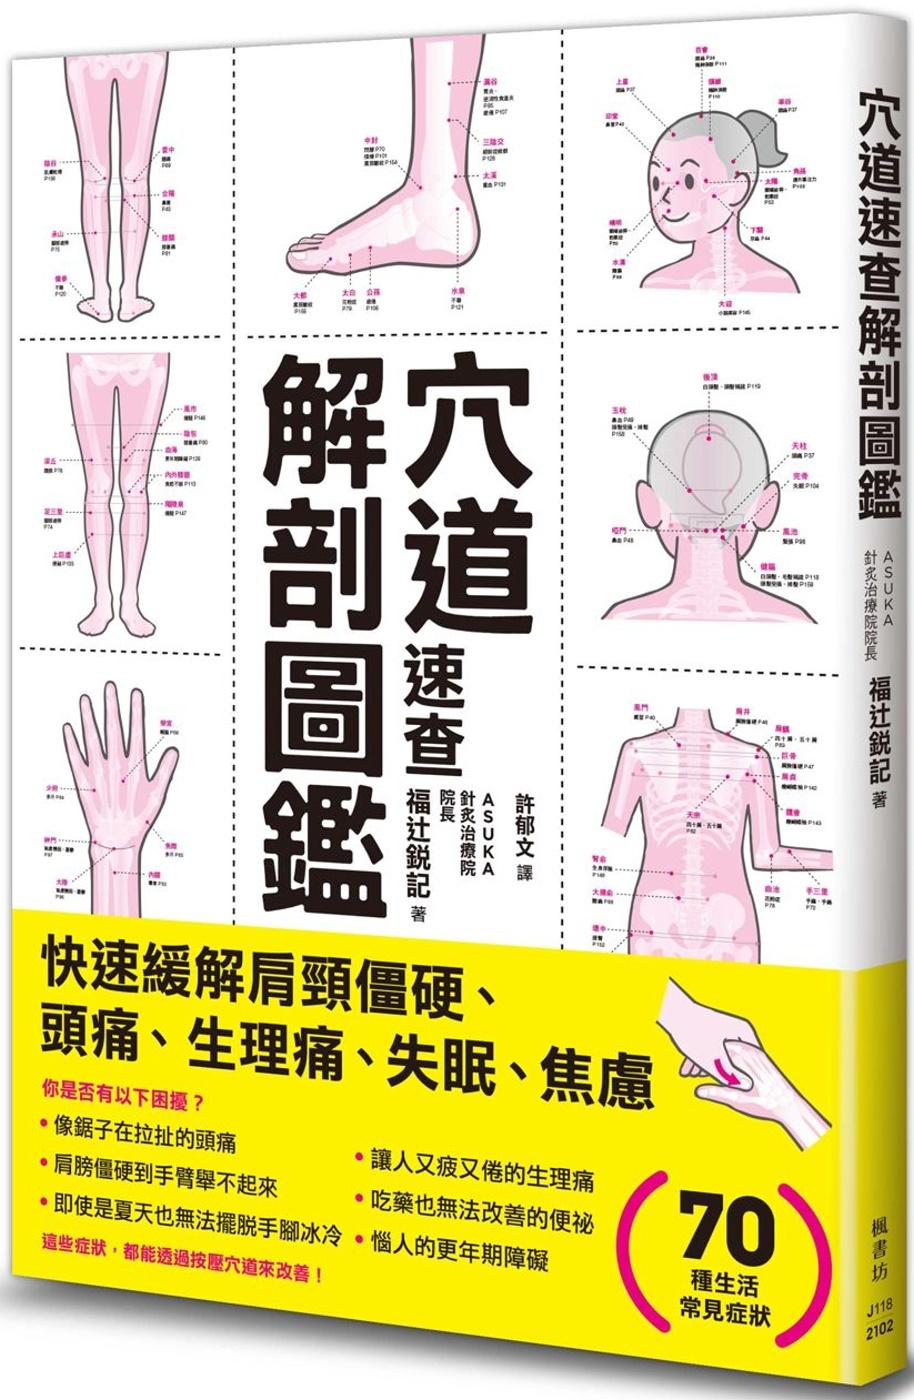 穴道速查解剖圖鑑